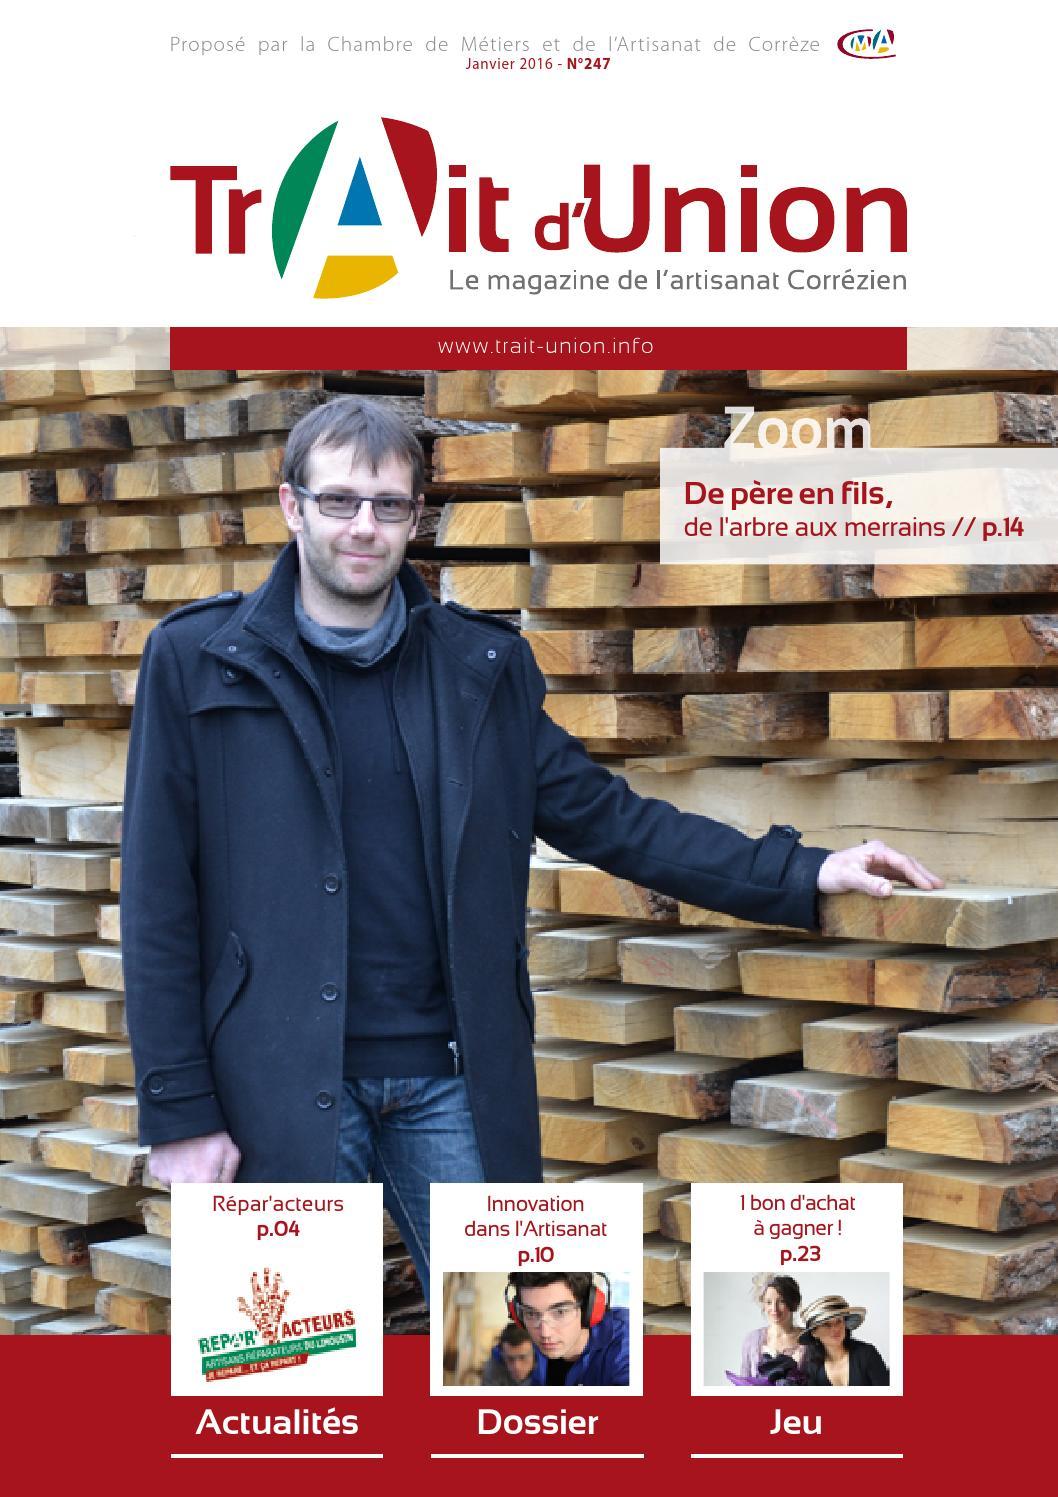 Trait d 39 union magazine de l 39 artisanat en corr ze n 247 - Chambre des metiers et de l artisanat orleans ...